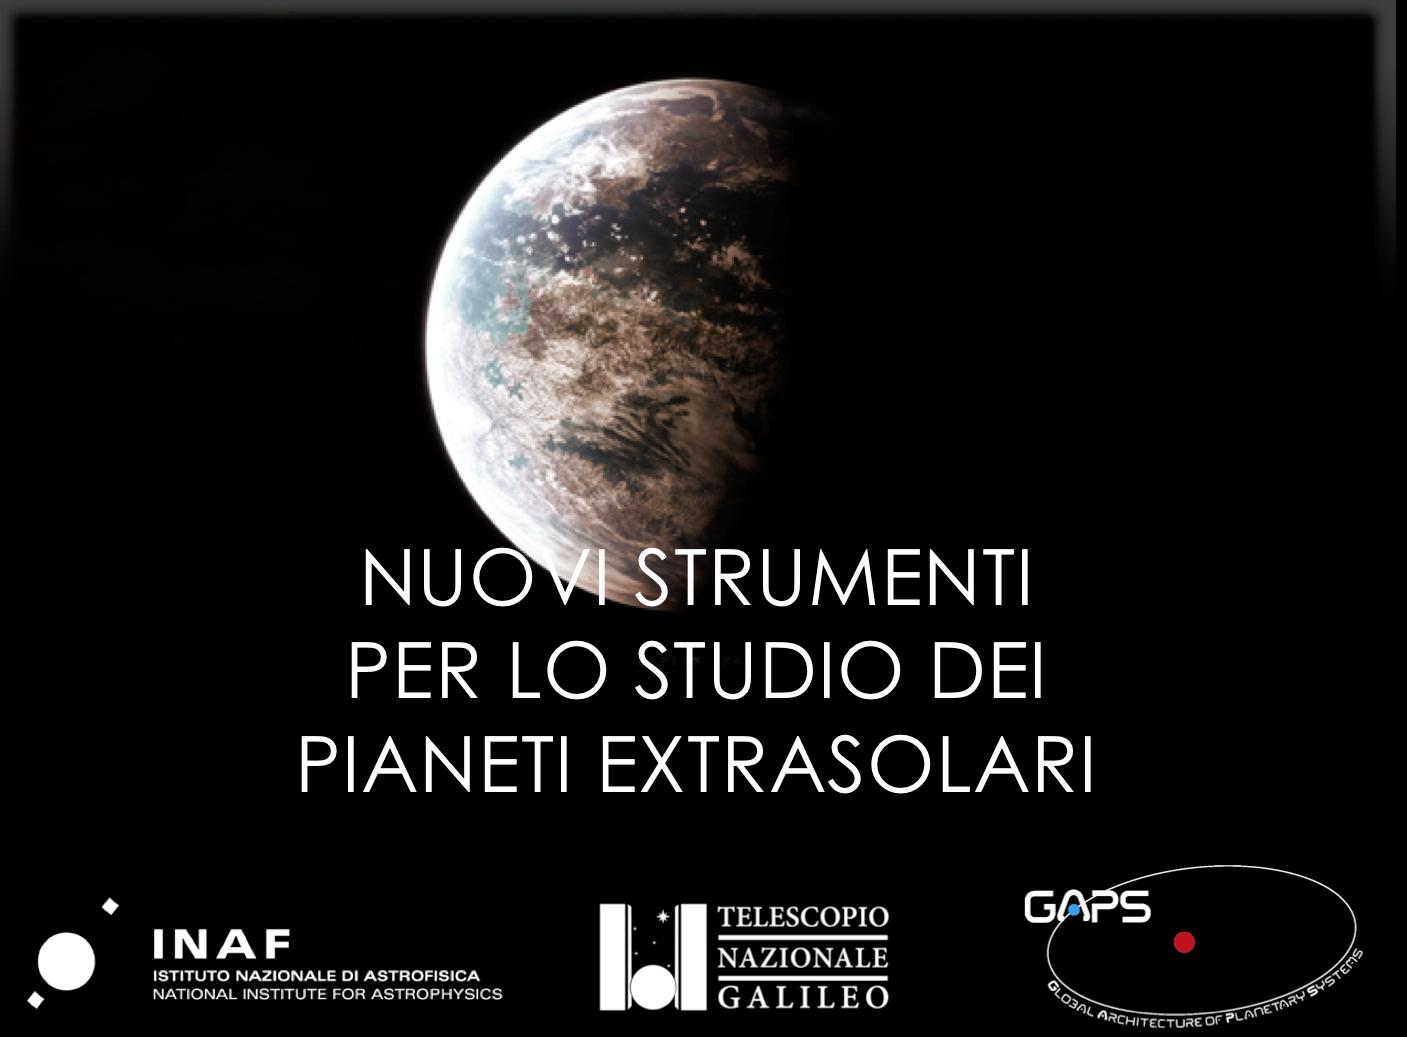 Nuovi strumenti per lo studio dei pianeti extrasolari